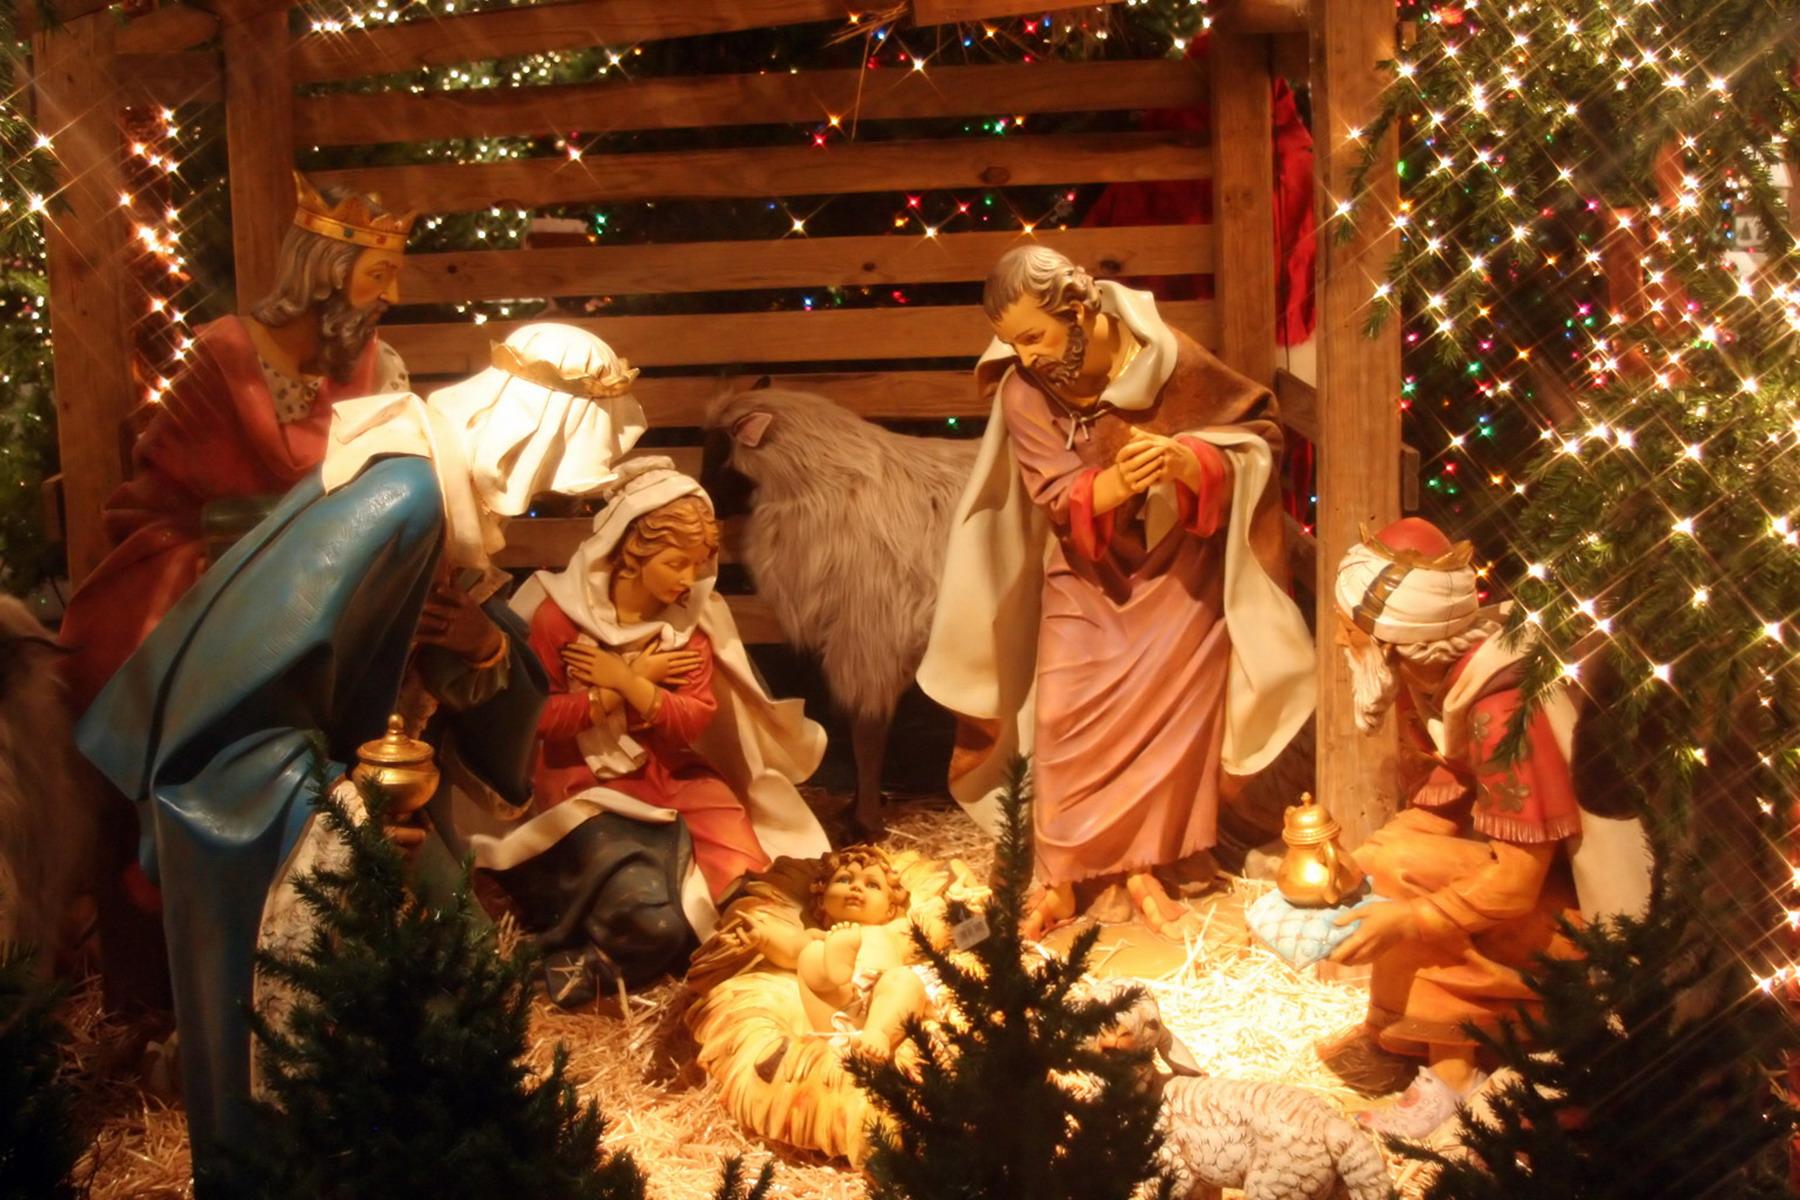 Если вы сделали ЭТО на Рождество, то будет у вас беда весь год. Что обязательно надо обходить 7 января (ВИДЕО)